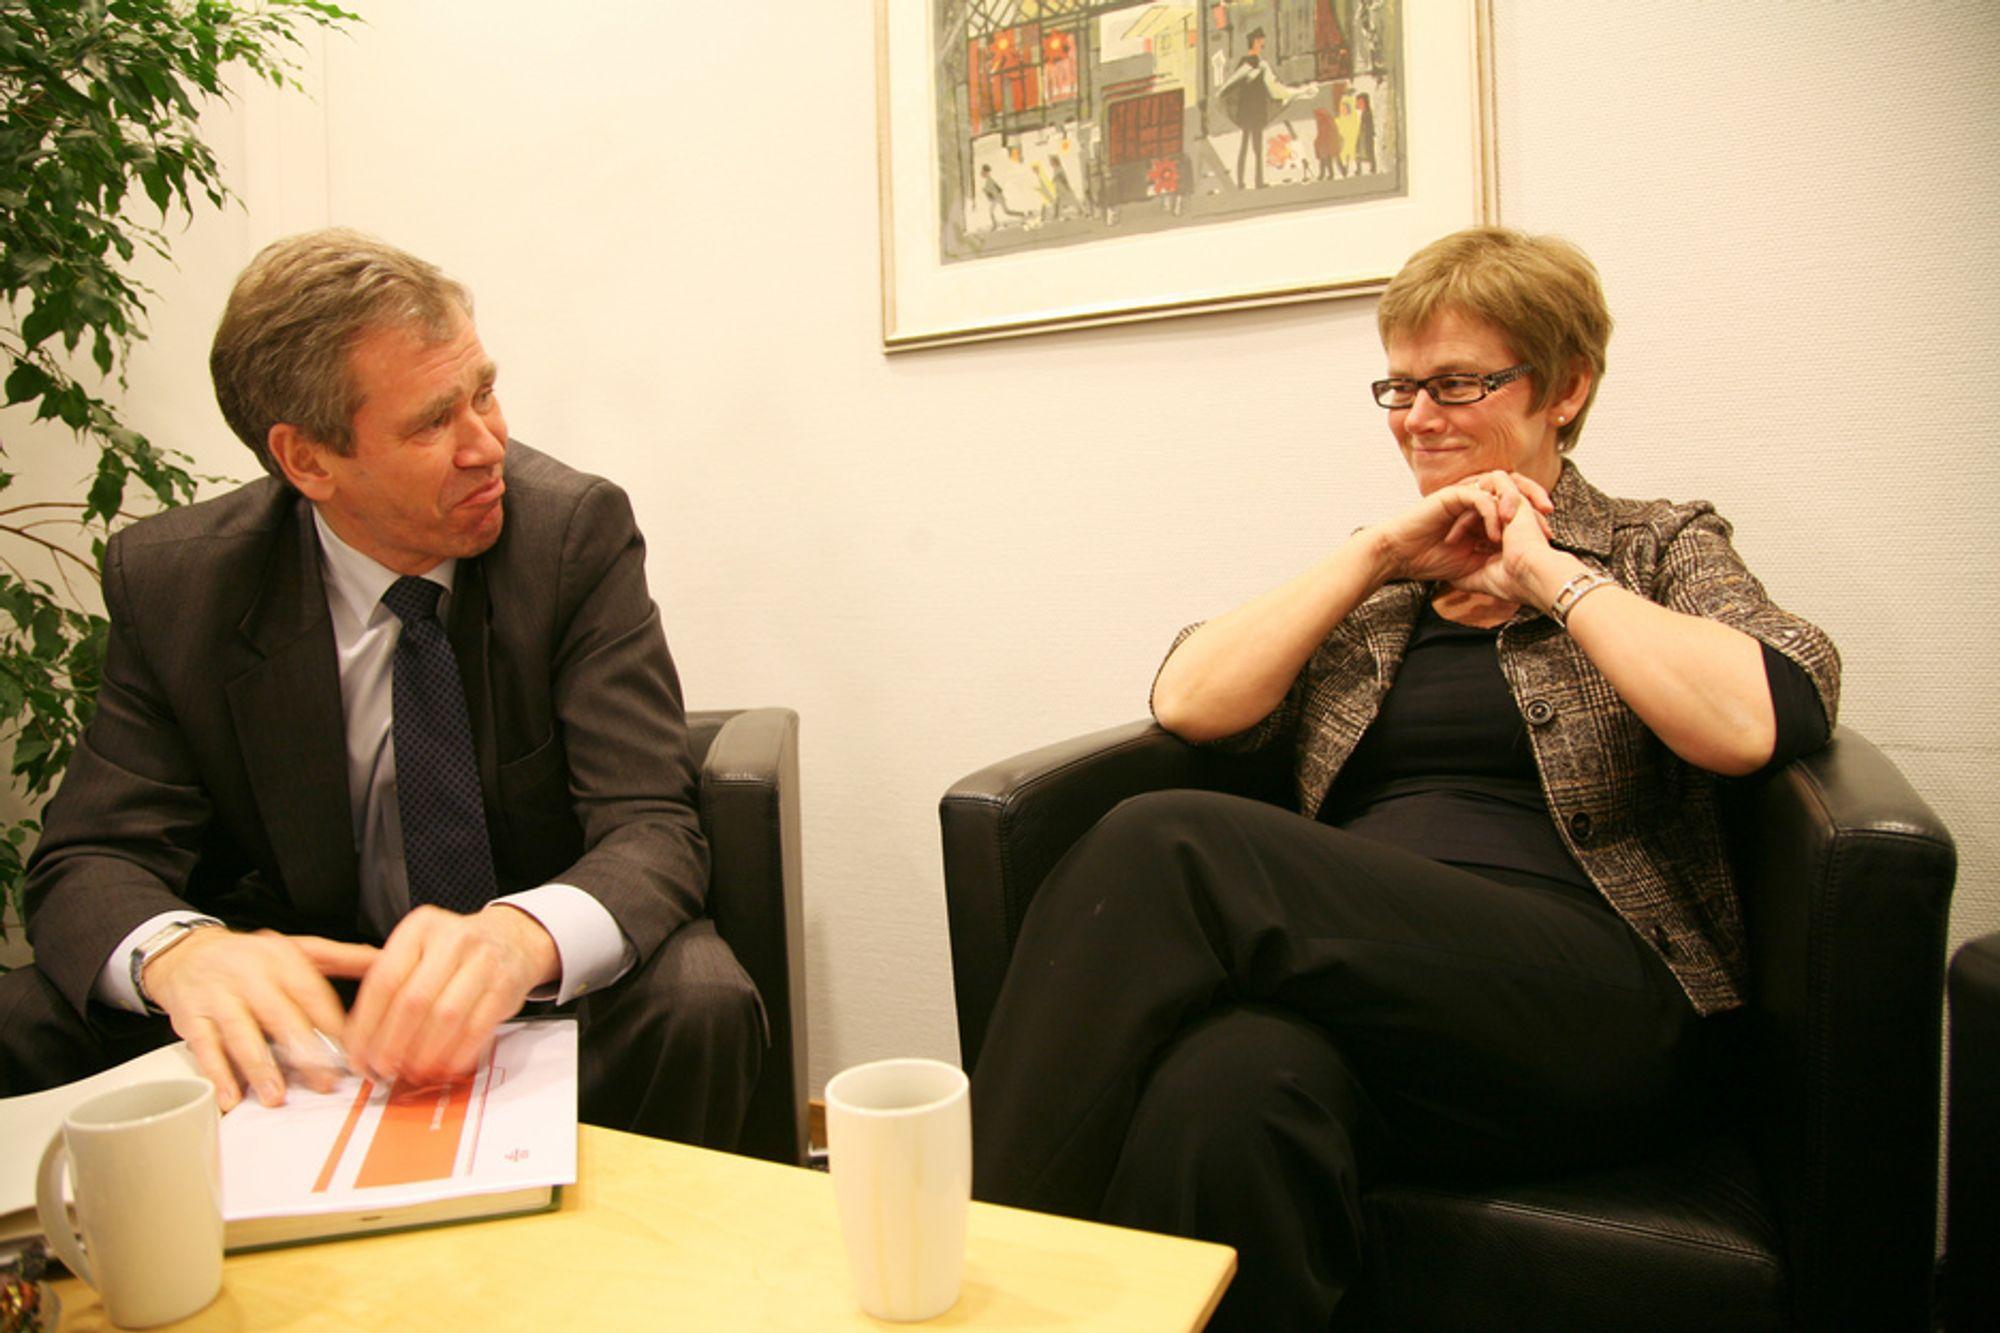 PLANLEGGE: Jernbanedirektør Elisabeth Enger har fått mer midler, og må planlegge hvor nye vedlikeholdsmidler skal settes inn. Her med NSB-sjef Einar Enger.